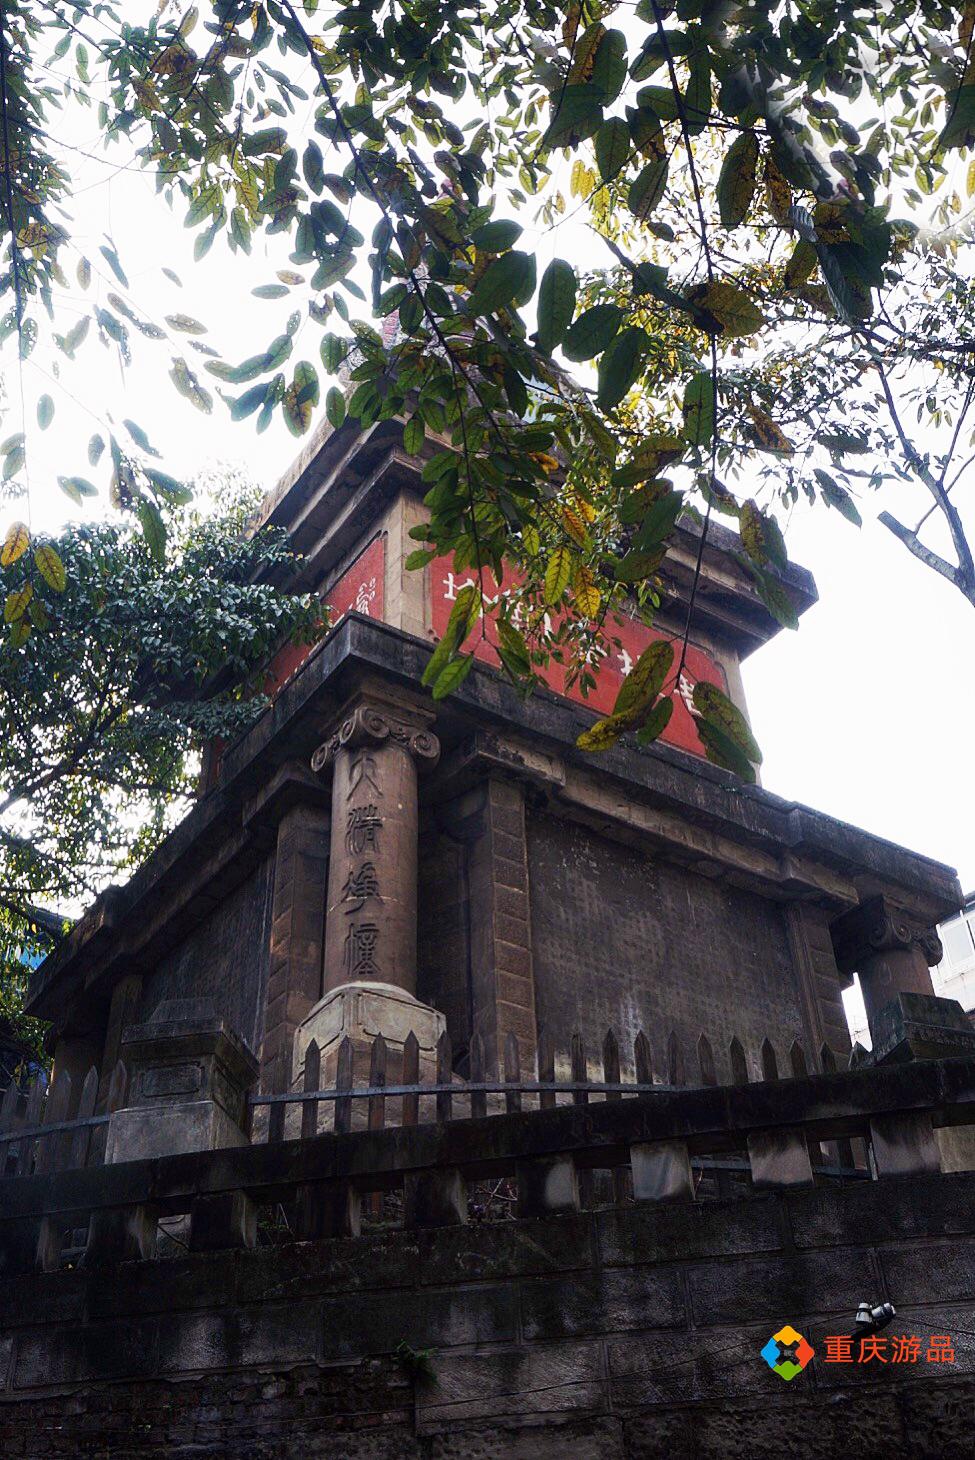 """魅力渝中:菩提金刚塔下的""""扫地僧"""",如这座佛塔一般的平静"""